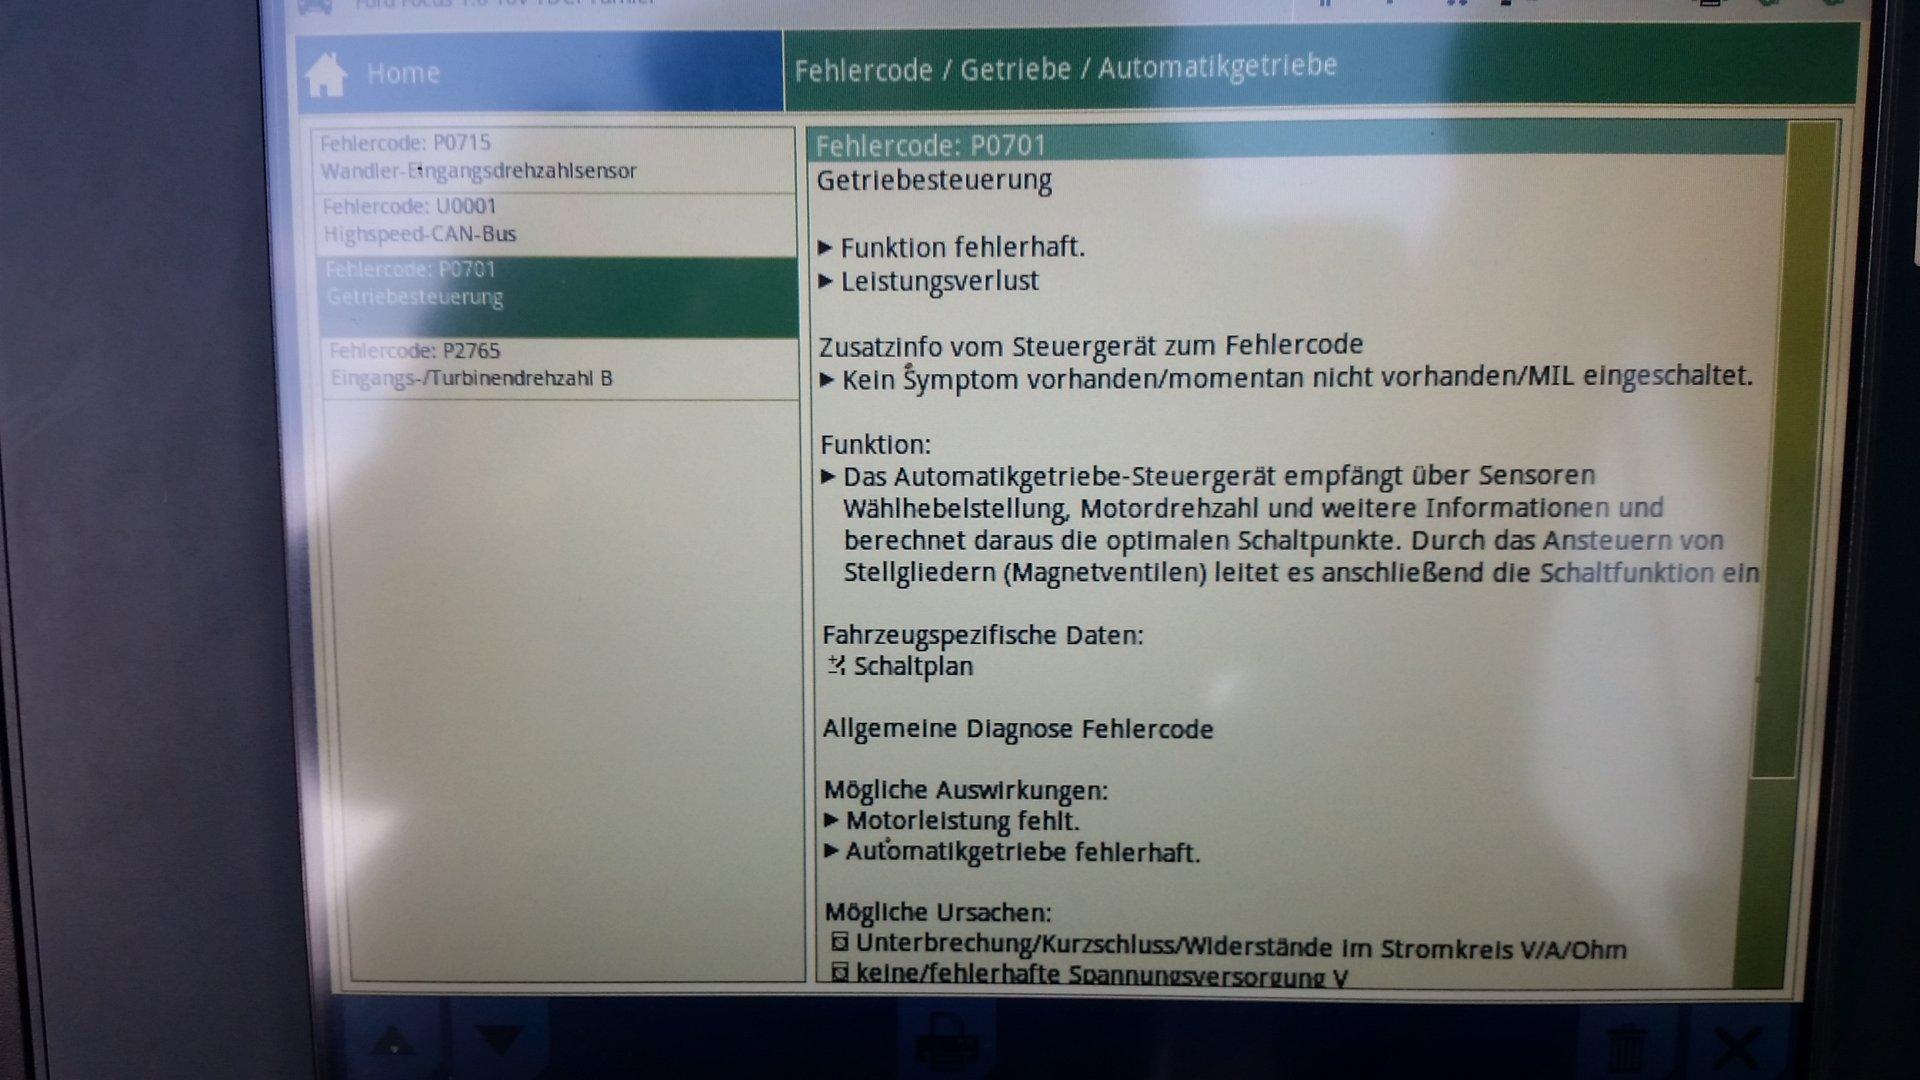 Großzügig Direkte Drahtbildlichter Ideen - Elektrische Schaltplan ...